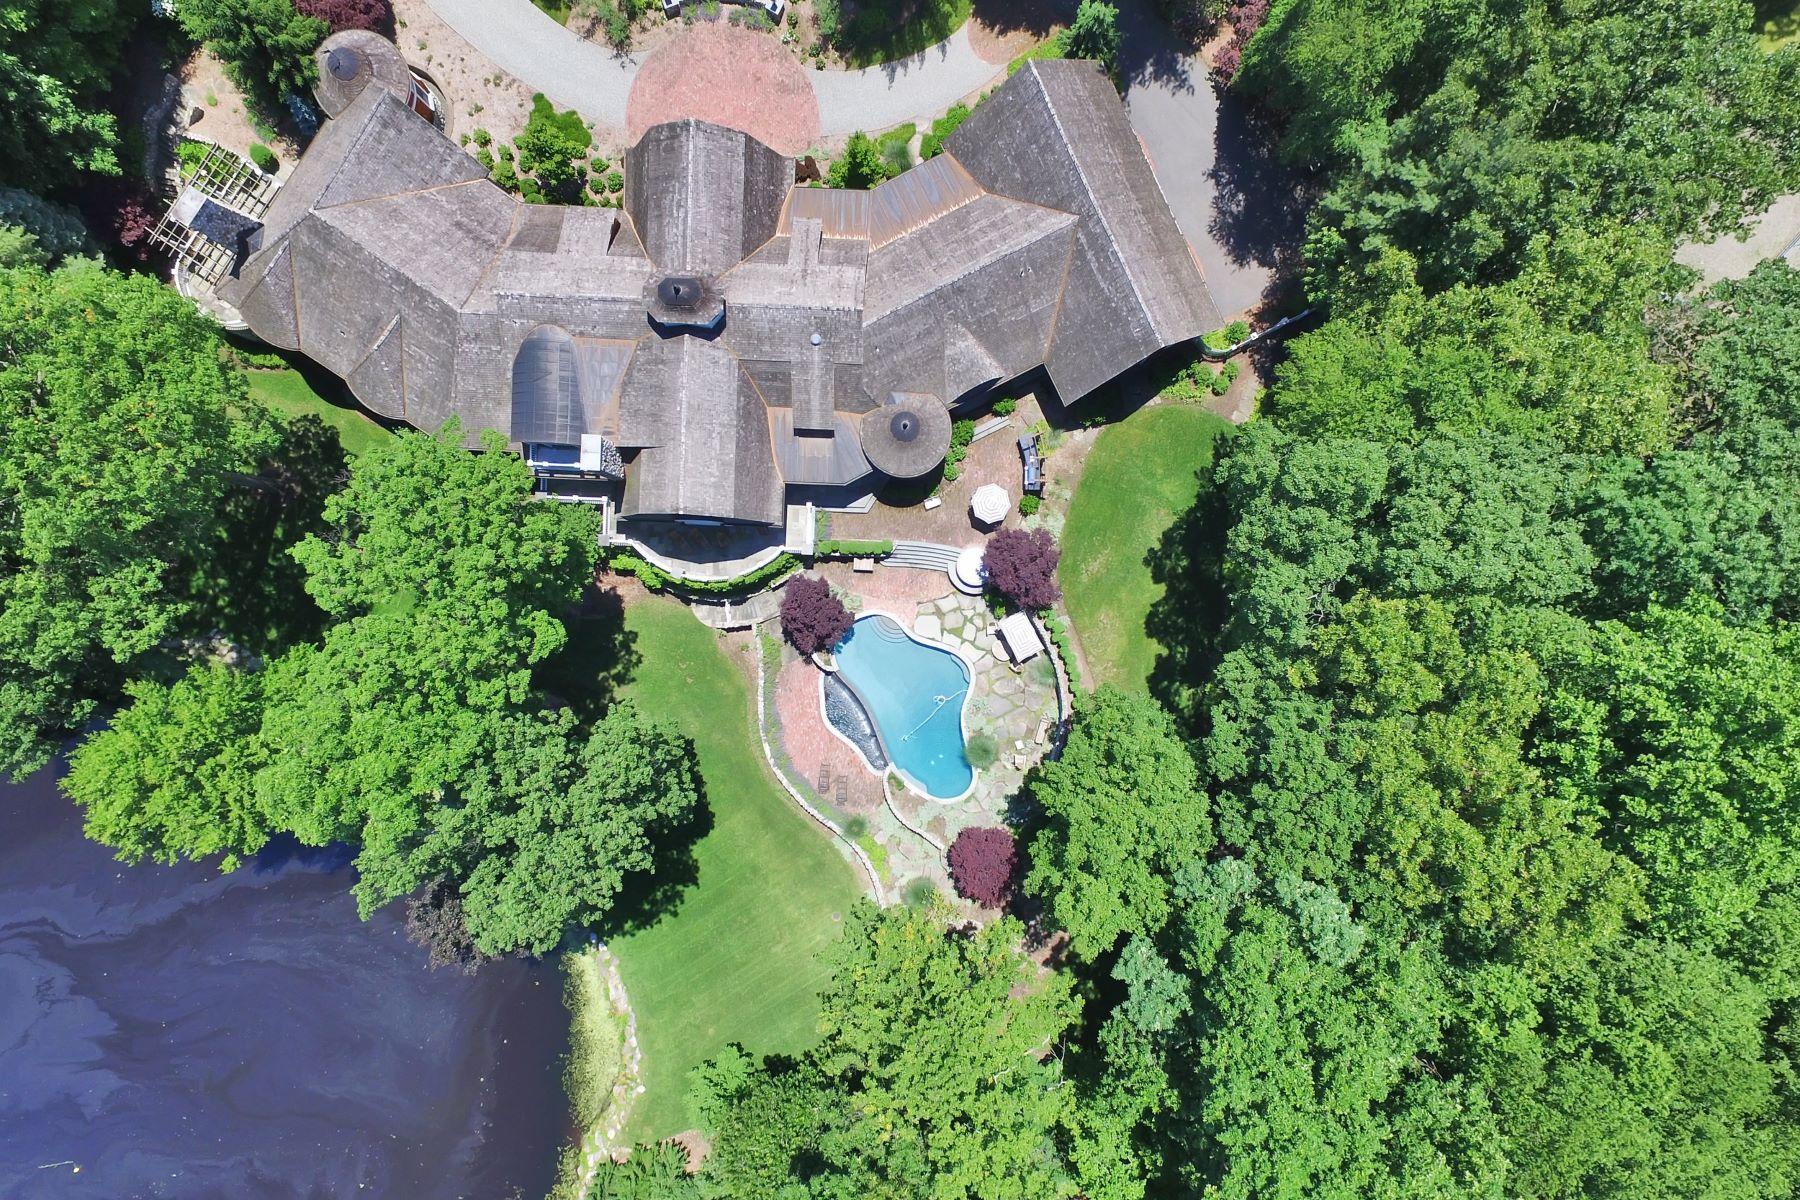 独户住宅 为 销售 在 Stunning Custom Built 876 Trailing Ridge Rd 富兰克林湖, 新泽西州 07417 美国